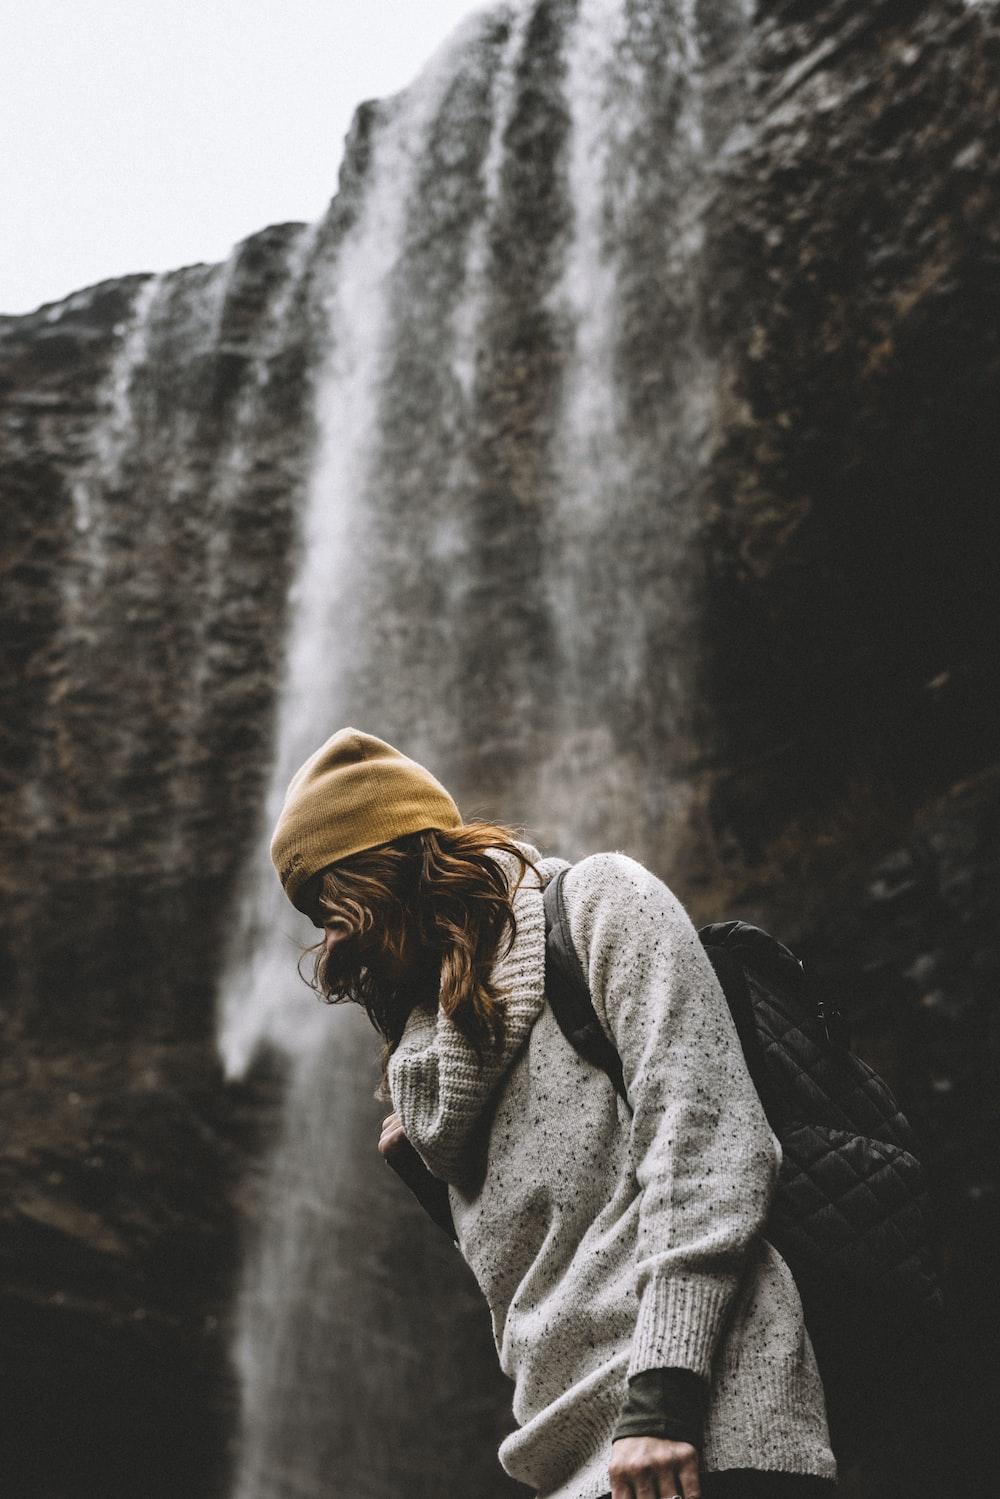 woman in knit cap standing near waterfalls